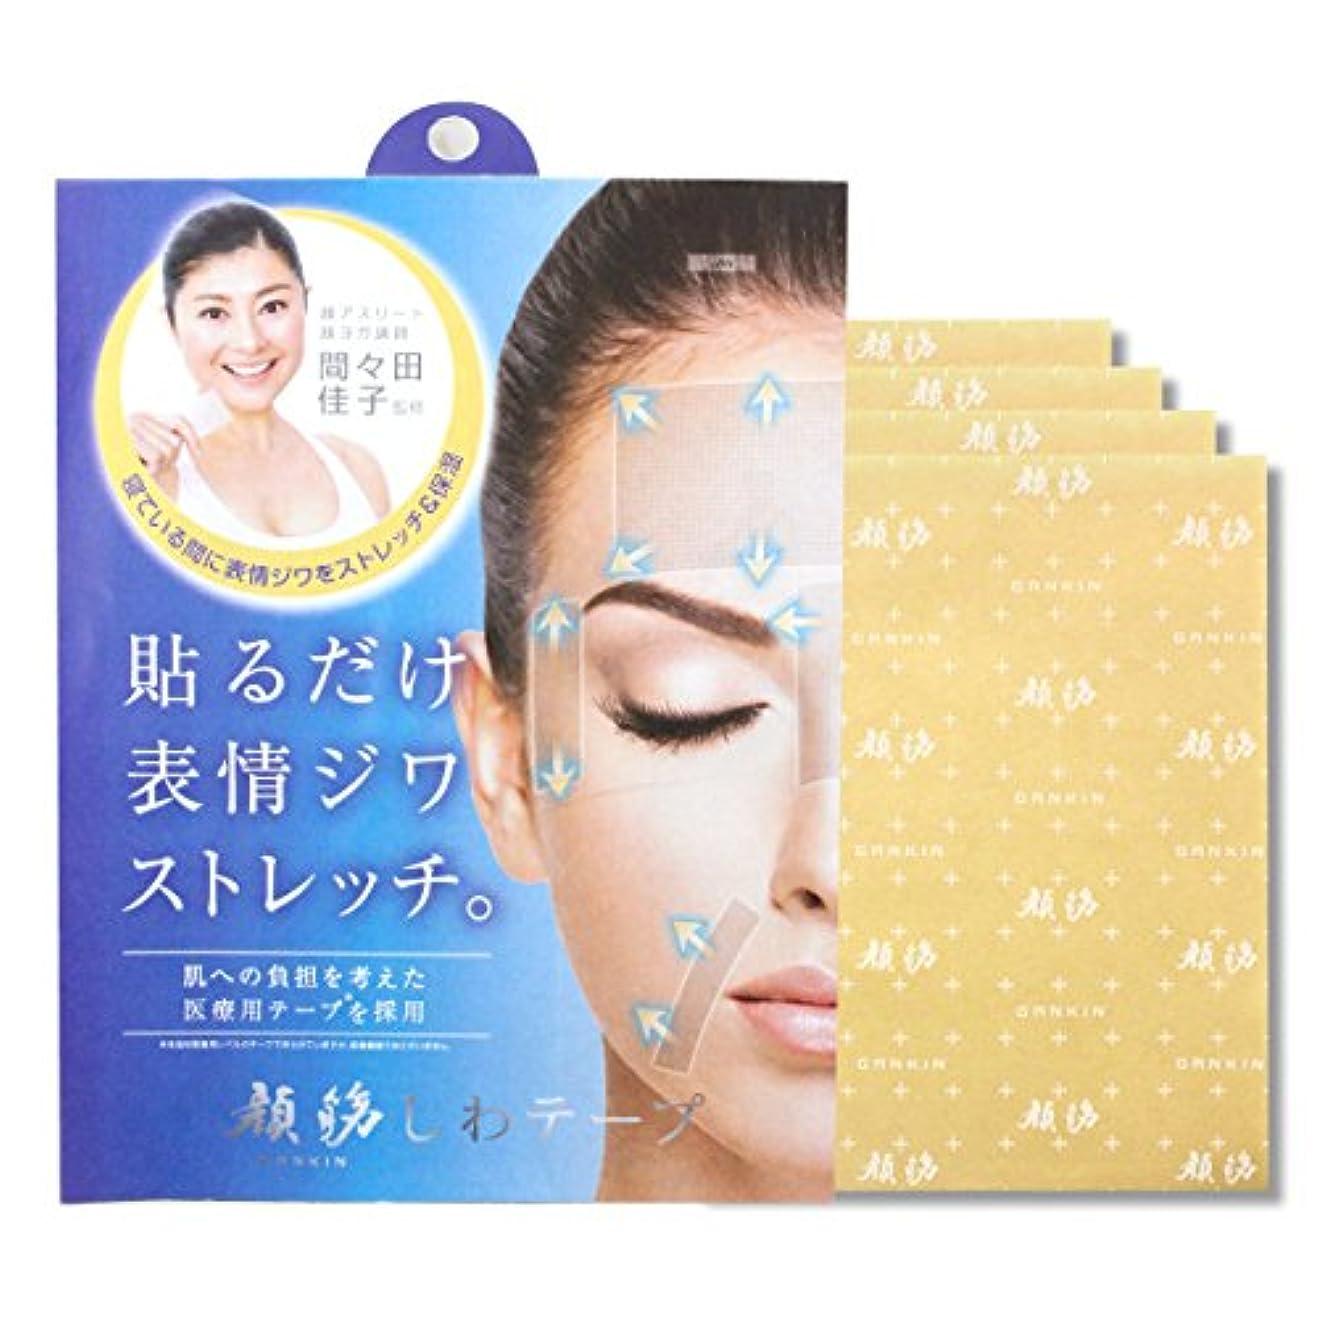 維持ゴシップ優しい顔筋シワテープ (4枚組)